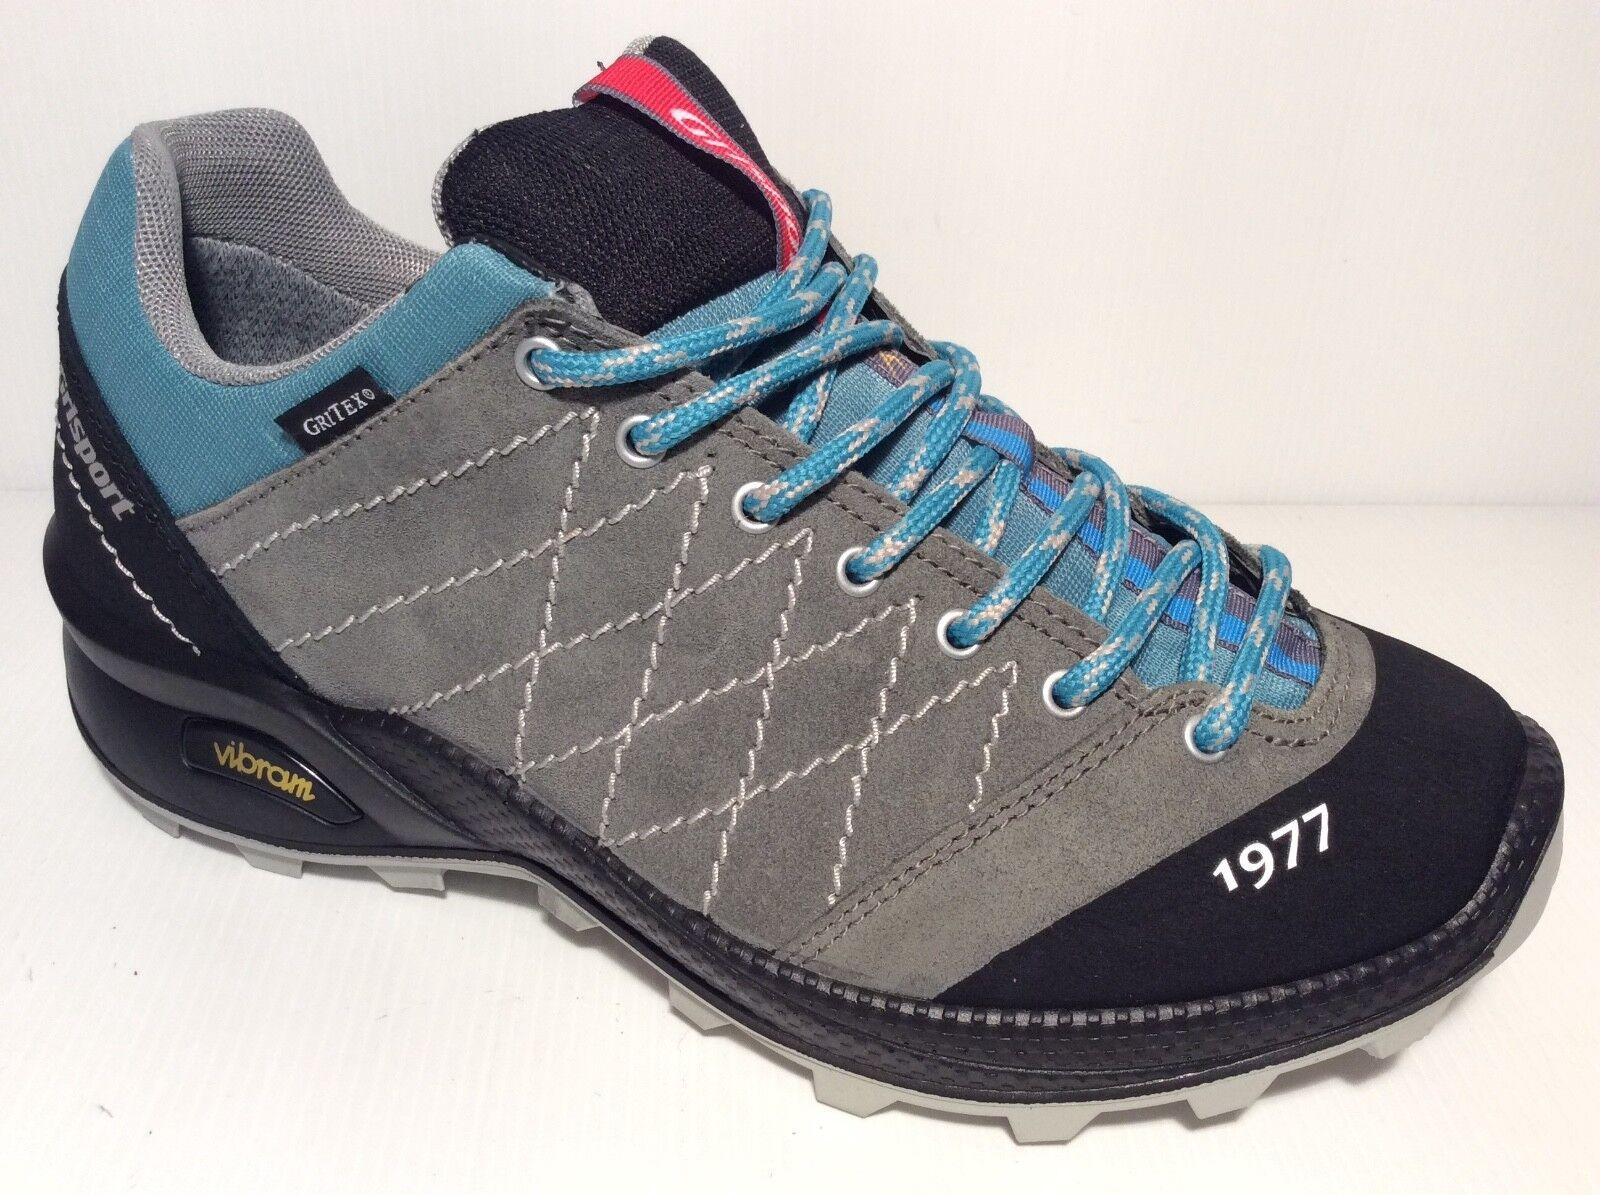 Los últimos zapatos de descuento para hombres y mujeres SCARPA GRISPORT TREKKING MADE IN ITALY SUOLA VIBRAM ART.13133 col tundra